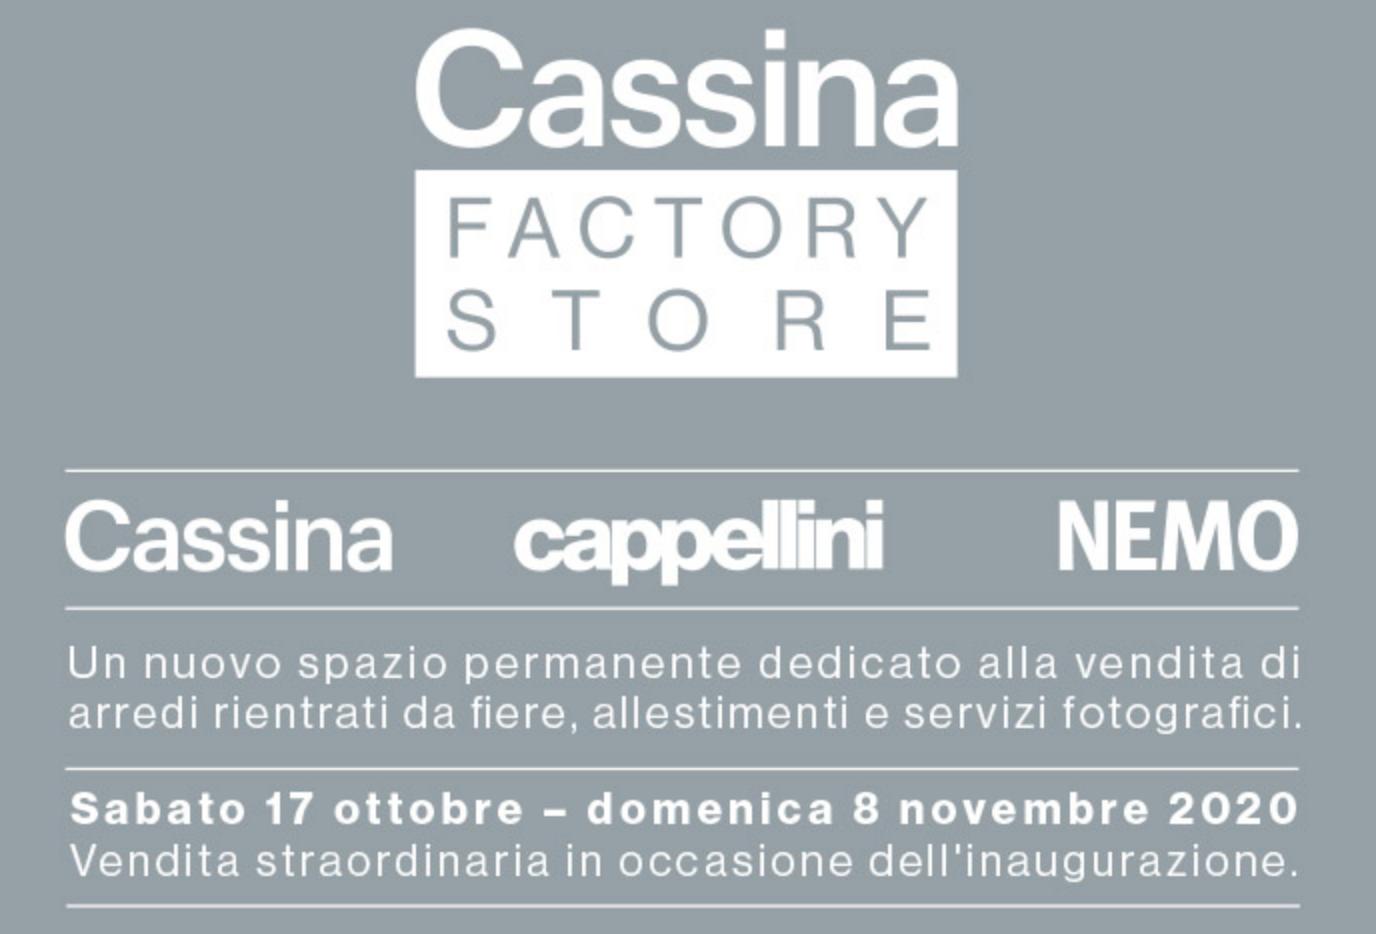 Cassina-Cappellini-Nemo-outlet-designxall